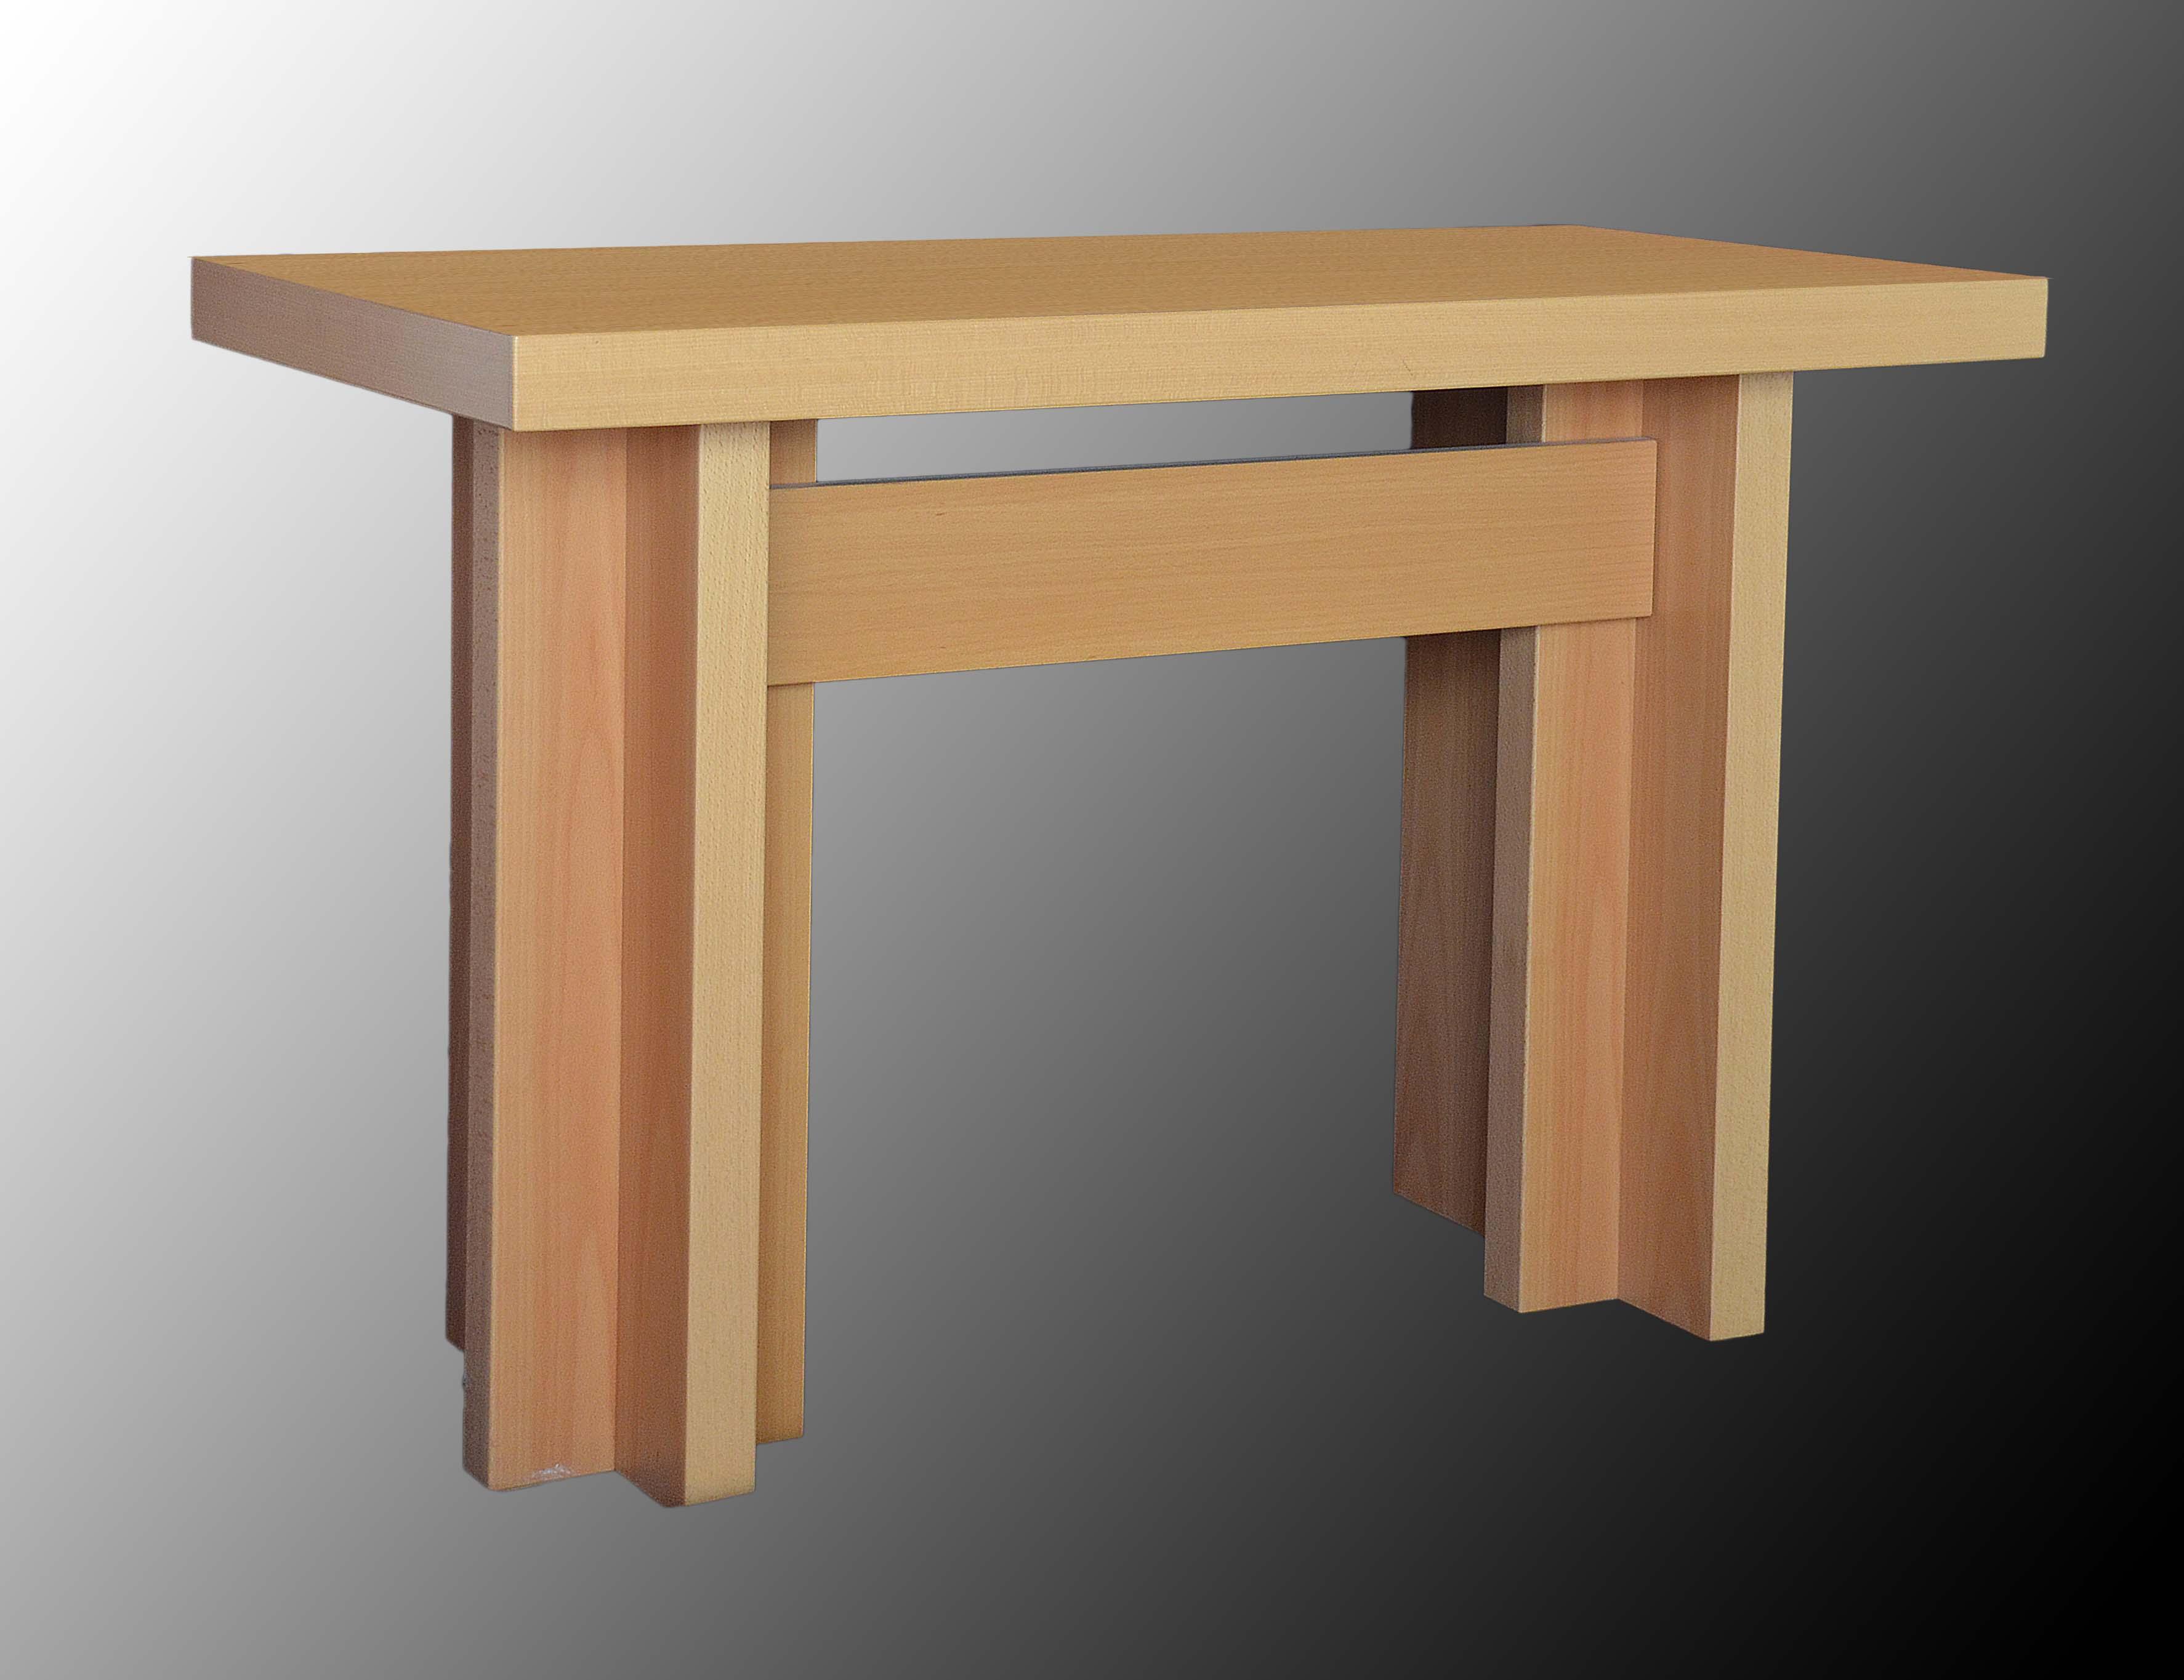 kirchenausstattung online kaufen roki kirchen online. Black Bedroom Furniture Sets. Home Design Ideas